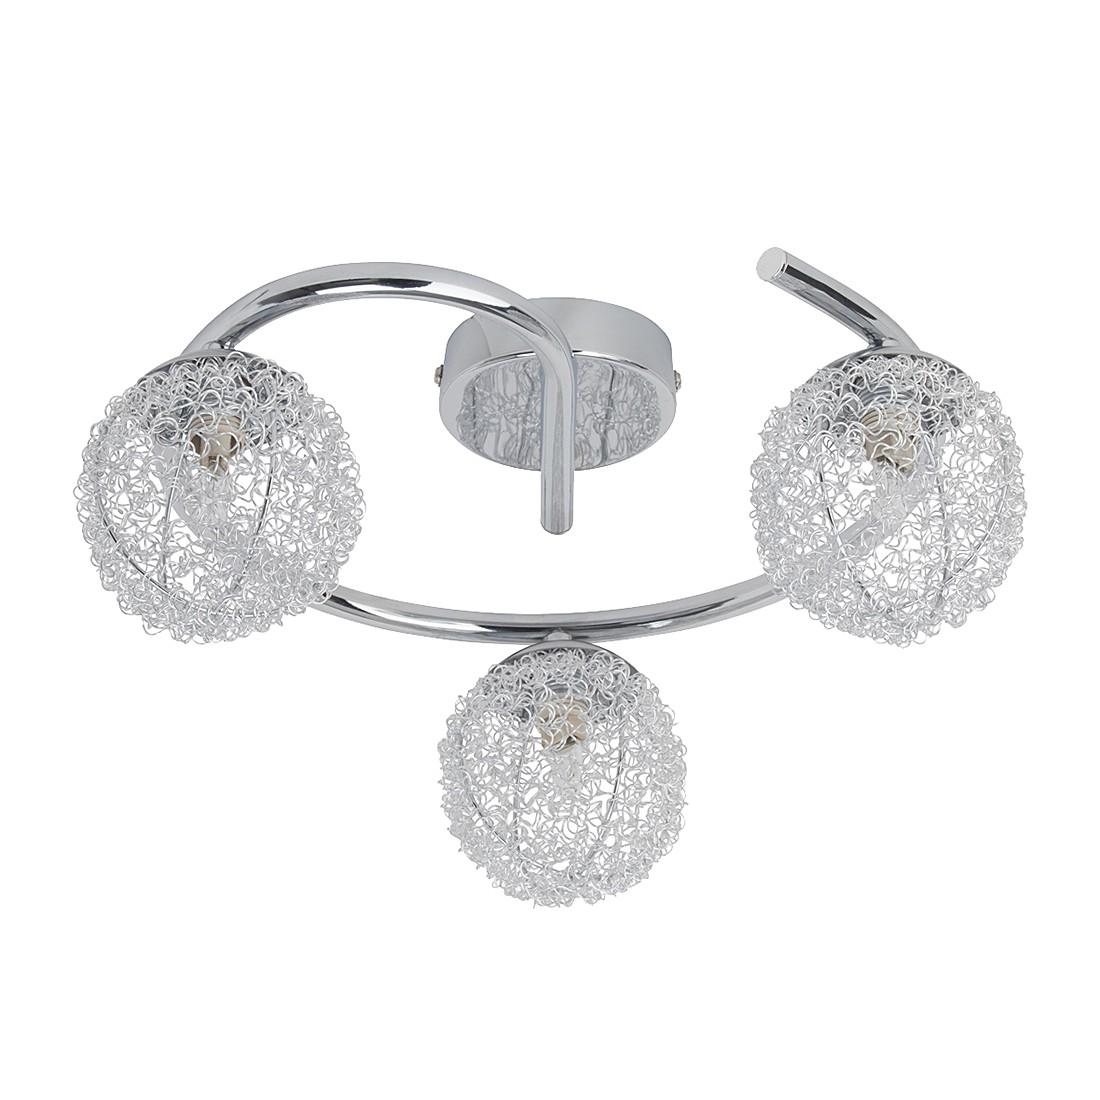 eek a plafonnier belis 3 ampoules brilliant par brilliant chez home24 fr. Black Bedroom Furniture Sets. Home Design Ideas